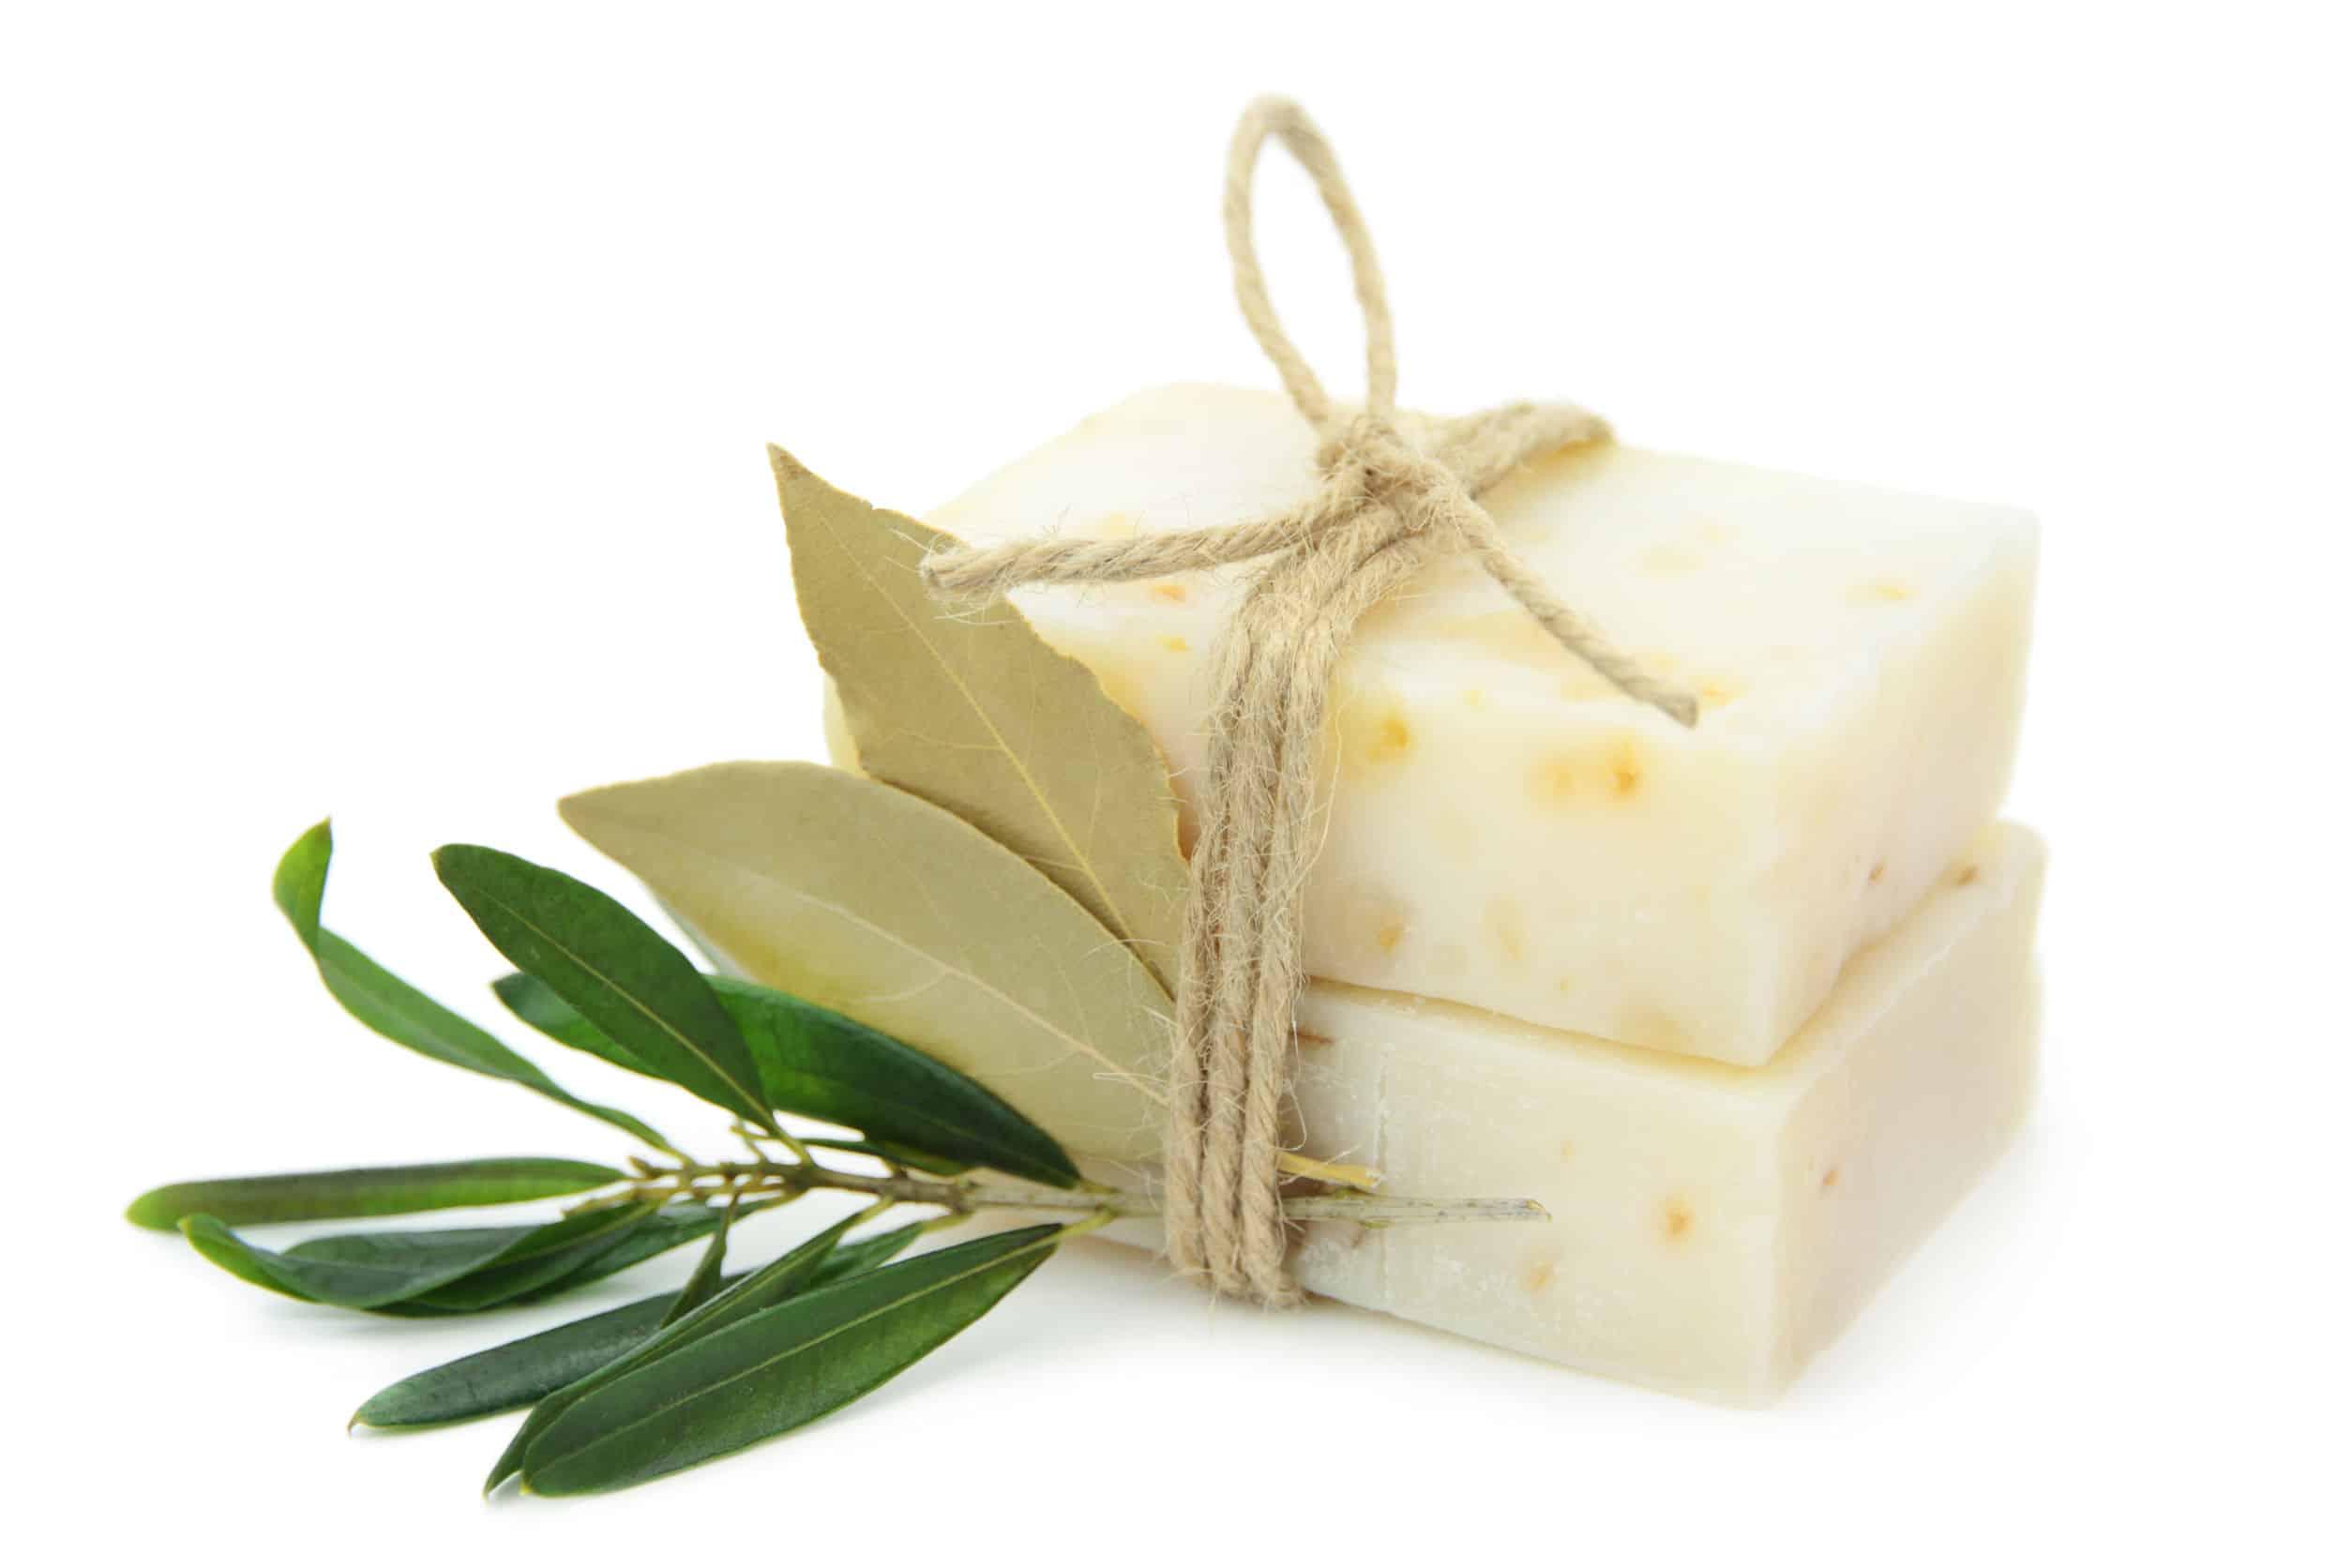 Olivenölseife: Test & Empfehlungen (01/21)